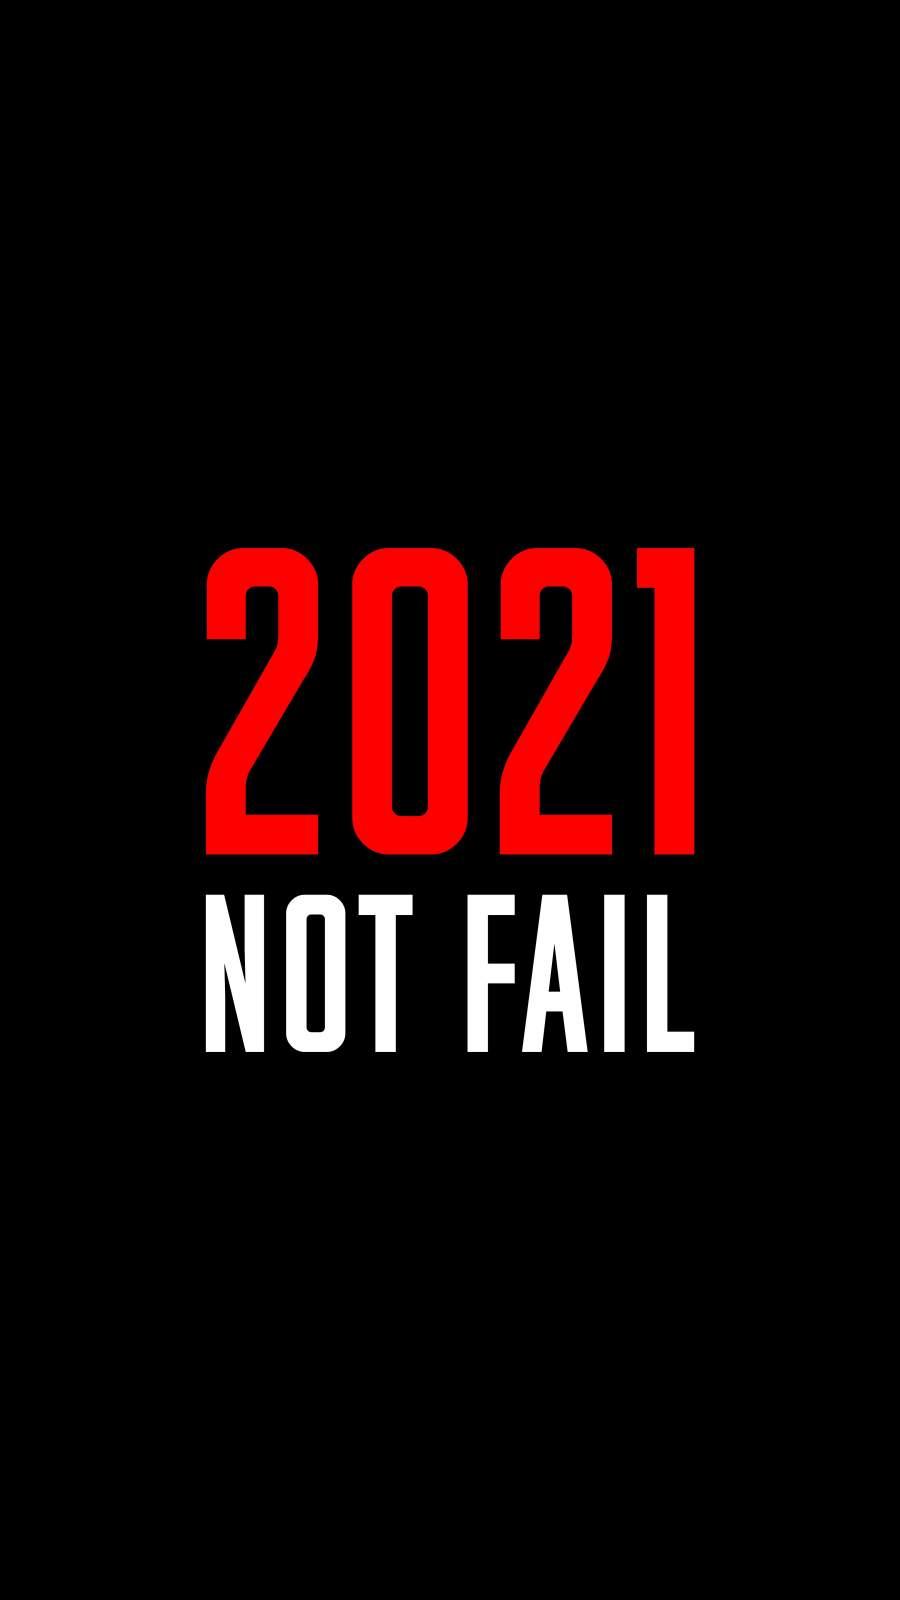 2021 Not Fail